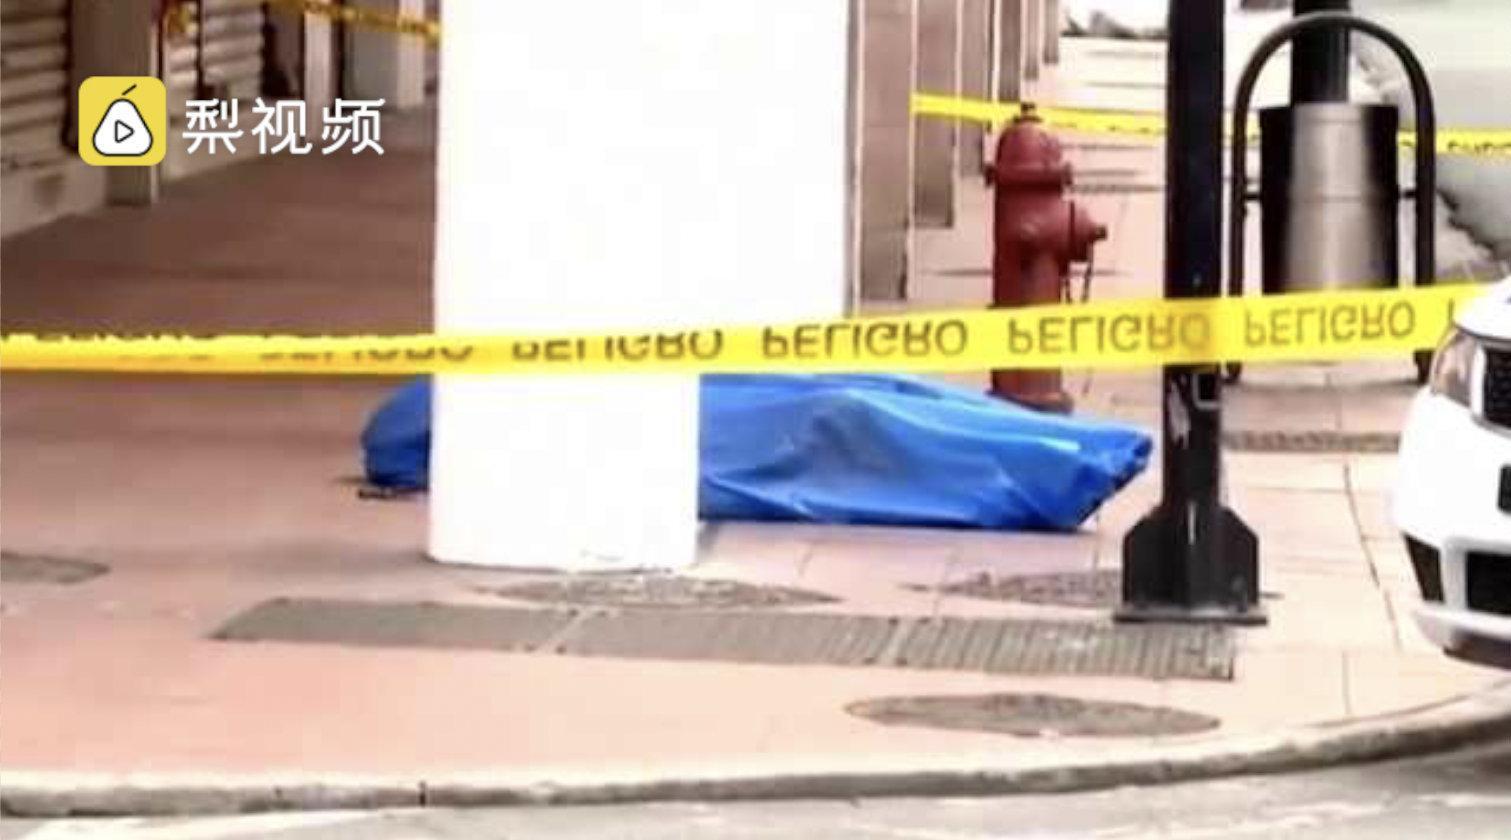 厄瓜多尔街头现新冠病人遗体,政府为来不及取走遗体道歉